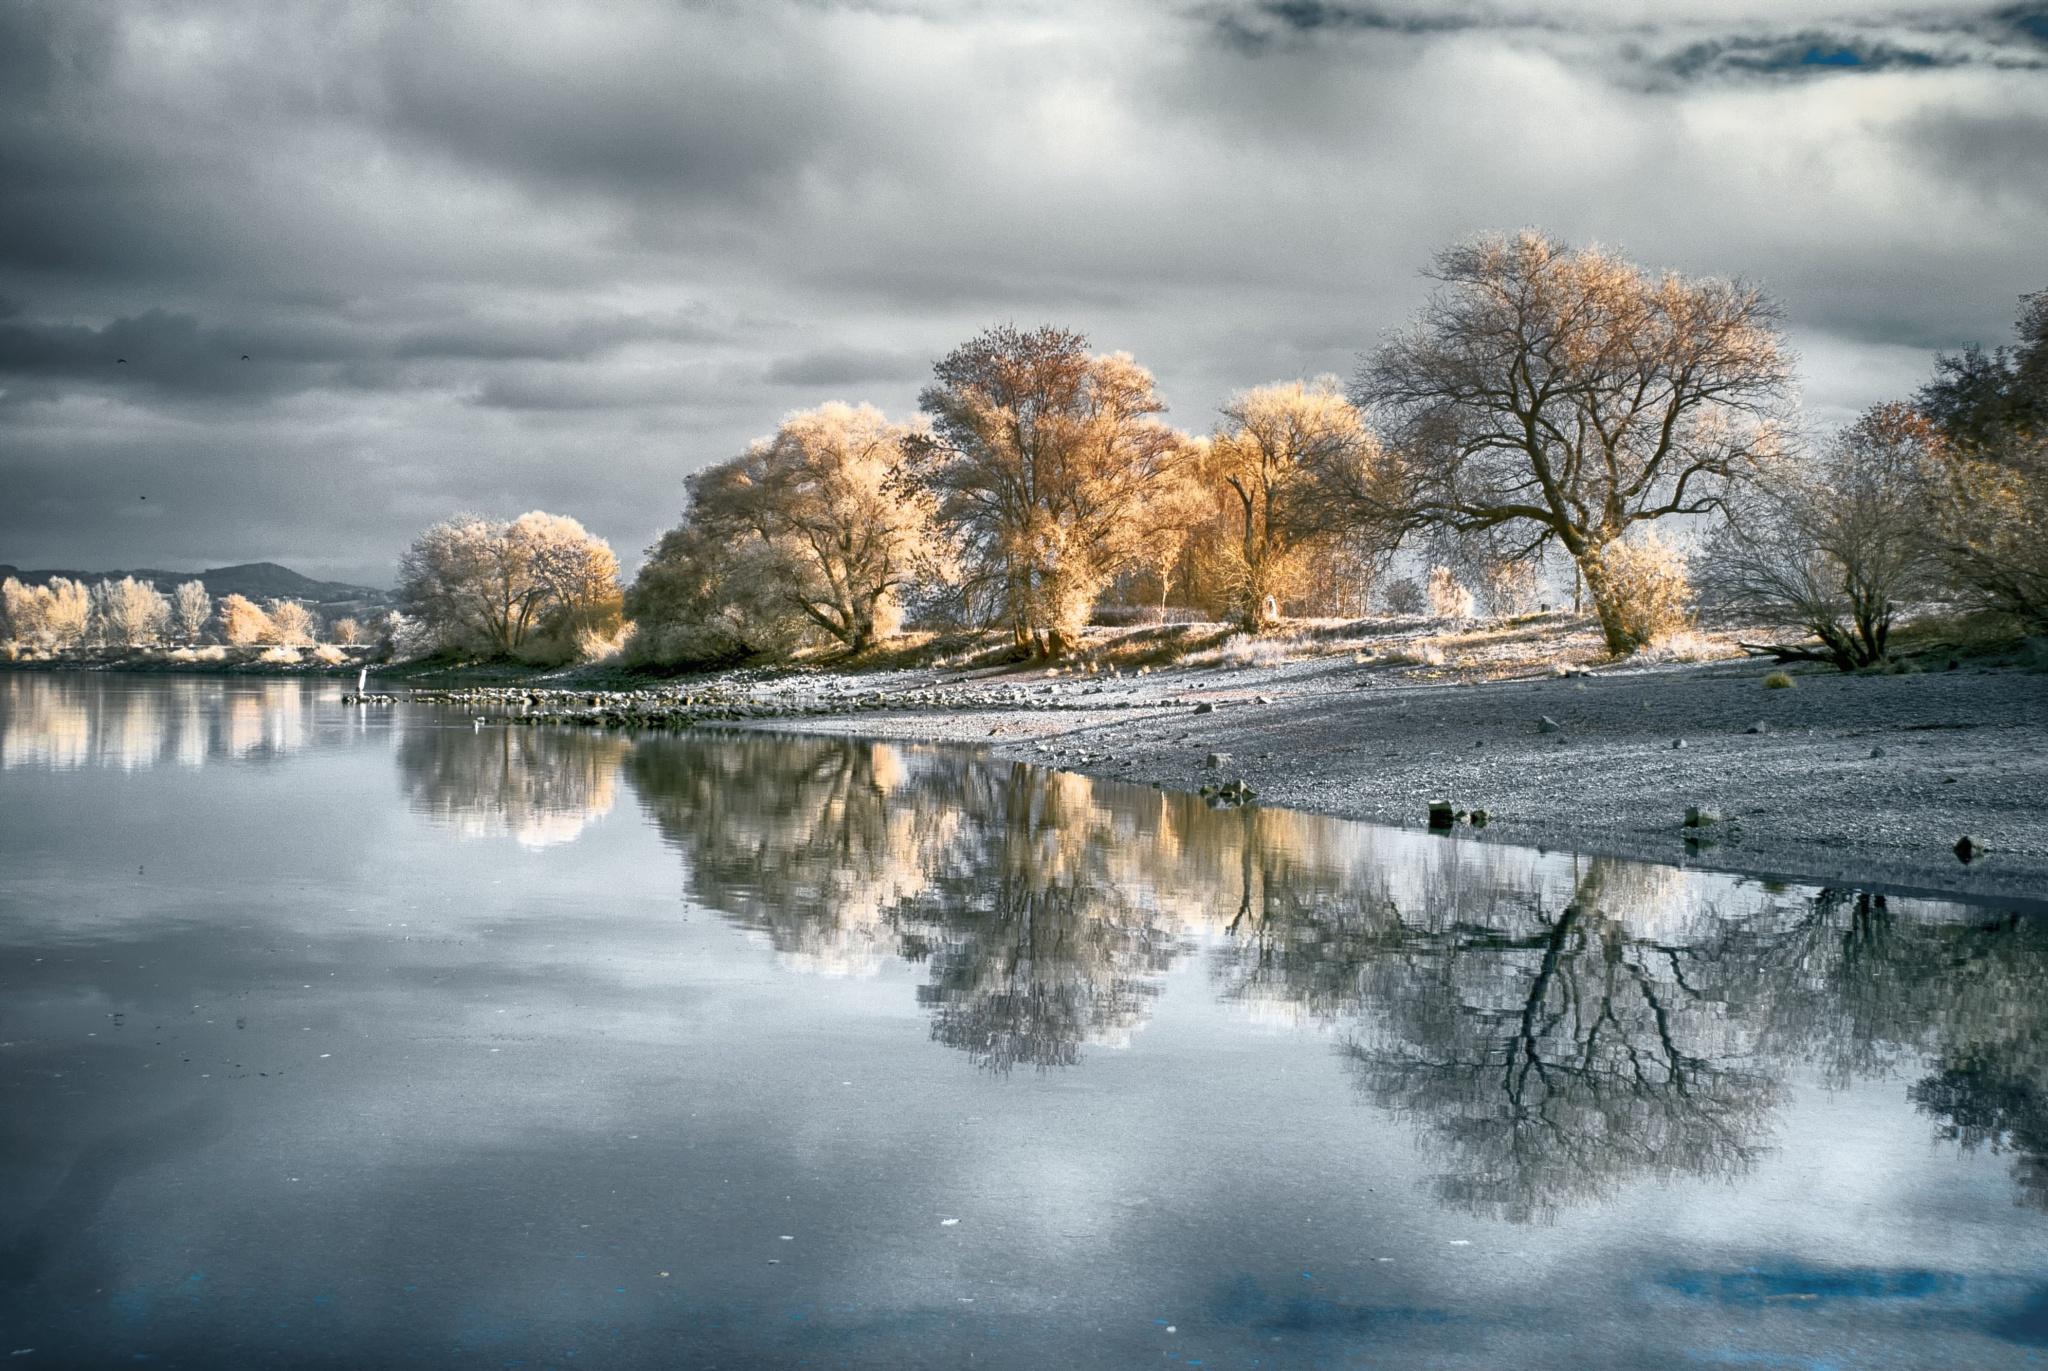 Donau - spiegel (IR,590nm) by FalcoM